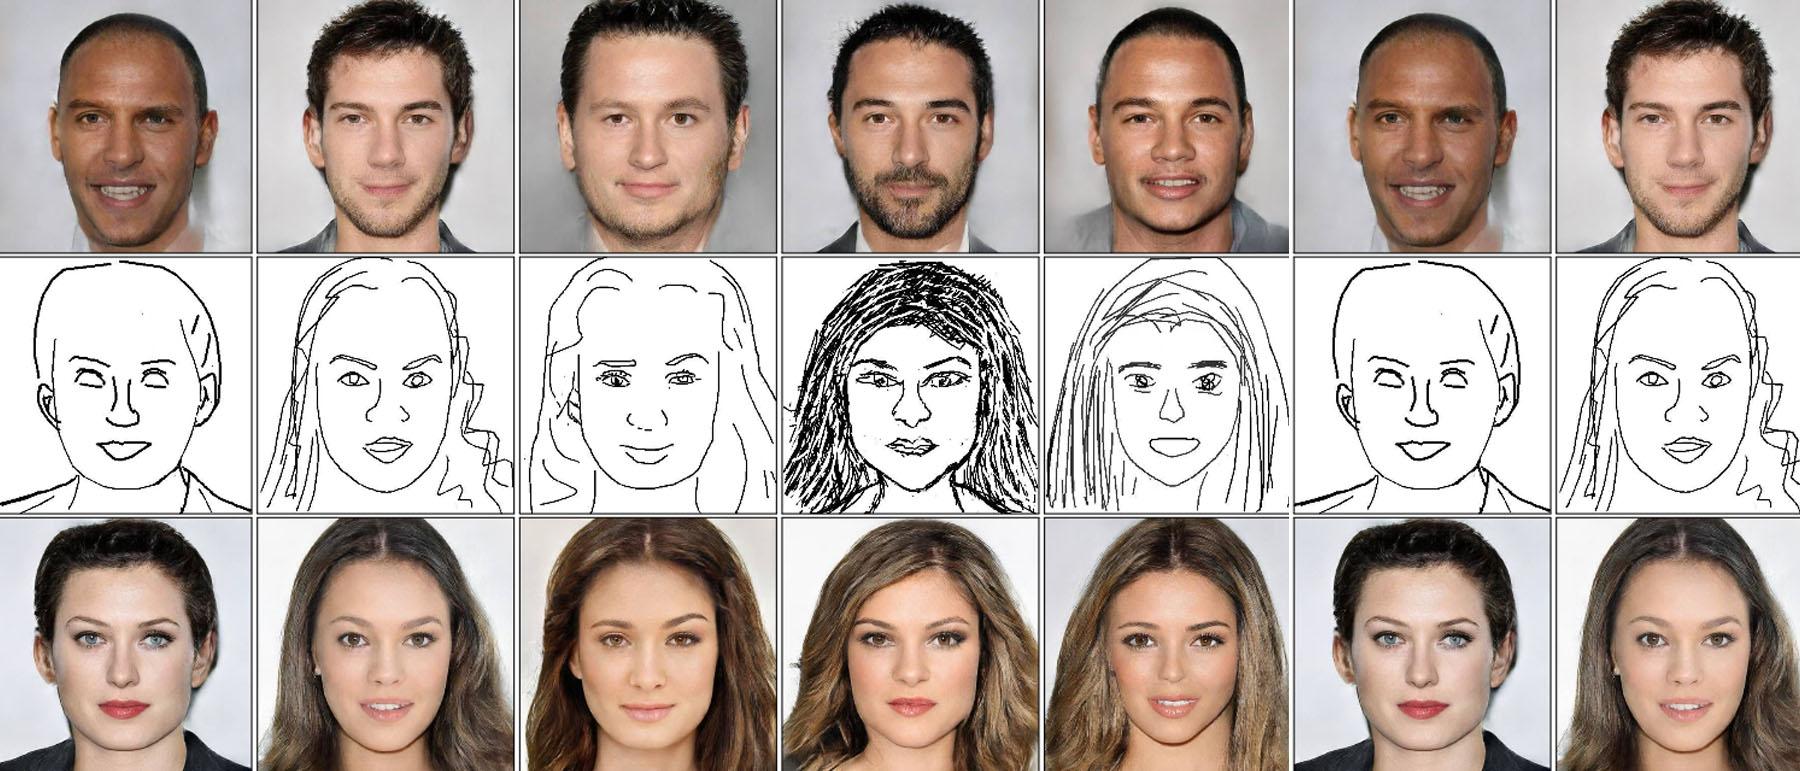 Diese Kunstliche Intelligenz Kann Aus Gekritzel Realistische Gesichter Zeichnen Magazin 1e9